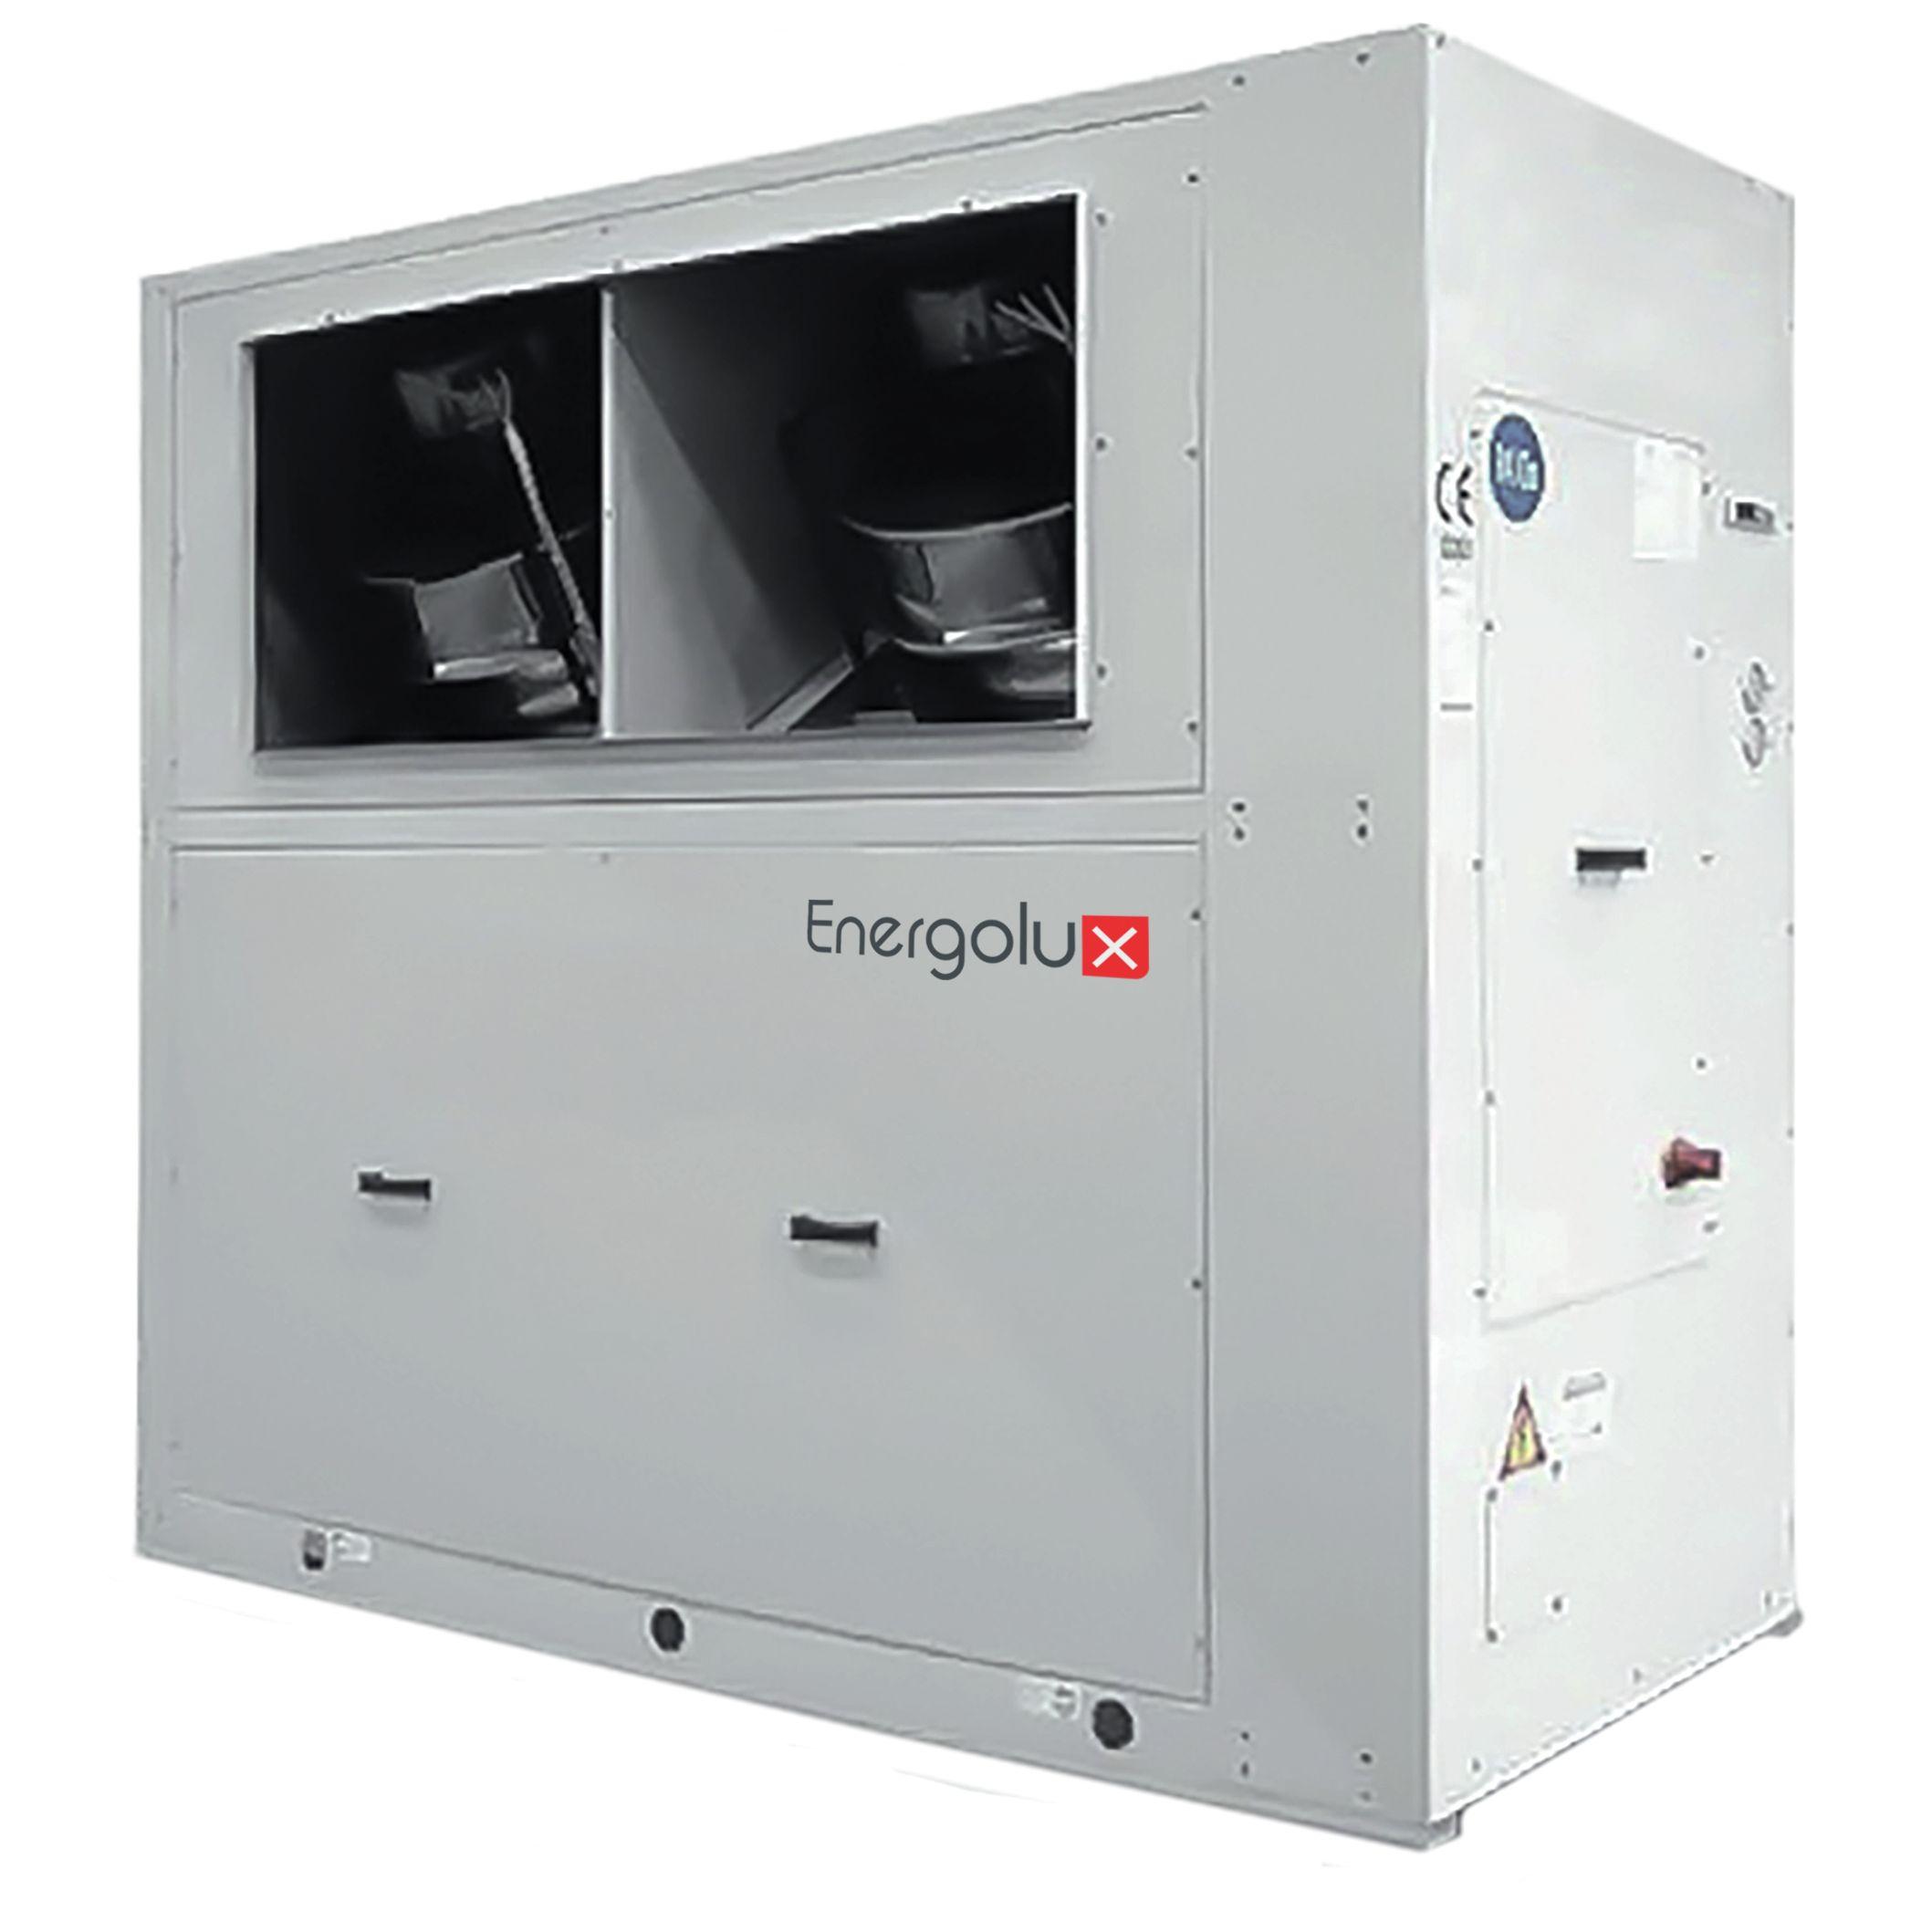 Energolux SCAW-I-T 1180 Z